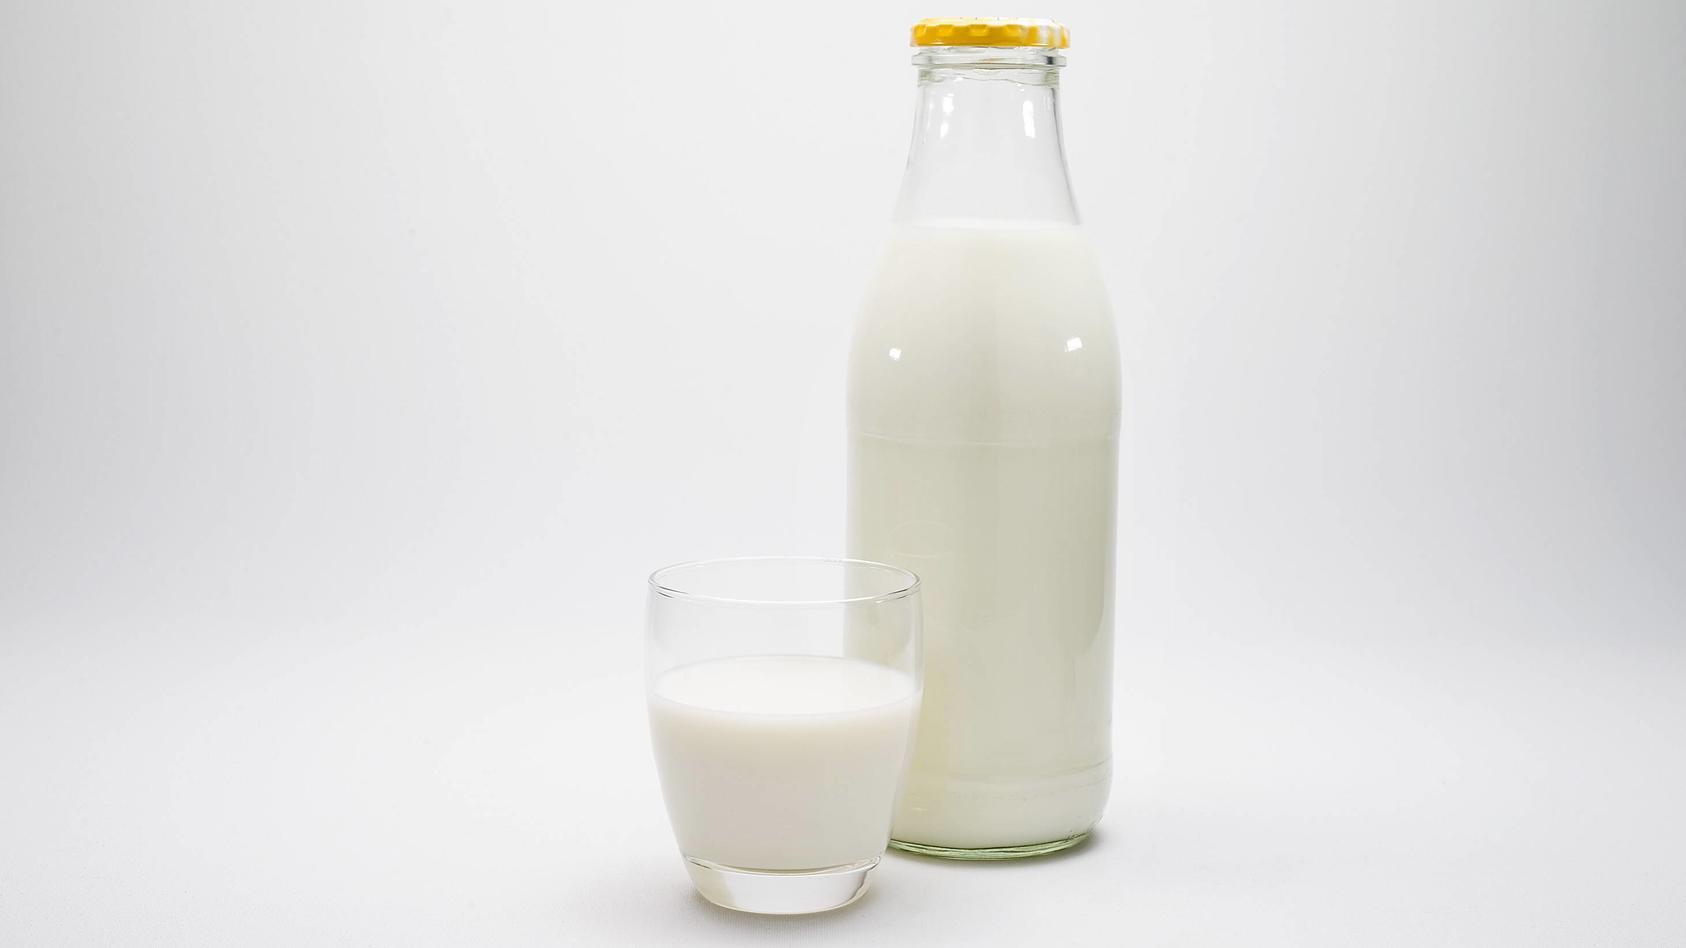 07 11 2017 Milch und Milchprodukte im Detail ein Glas voller frischer Milch steht neben einer Milc